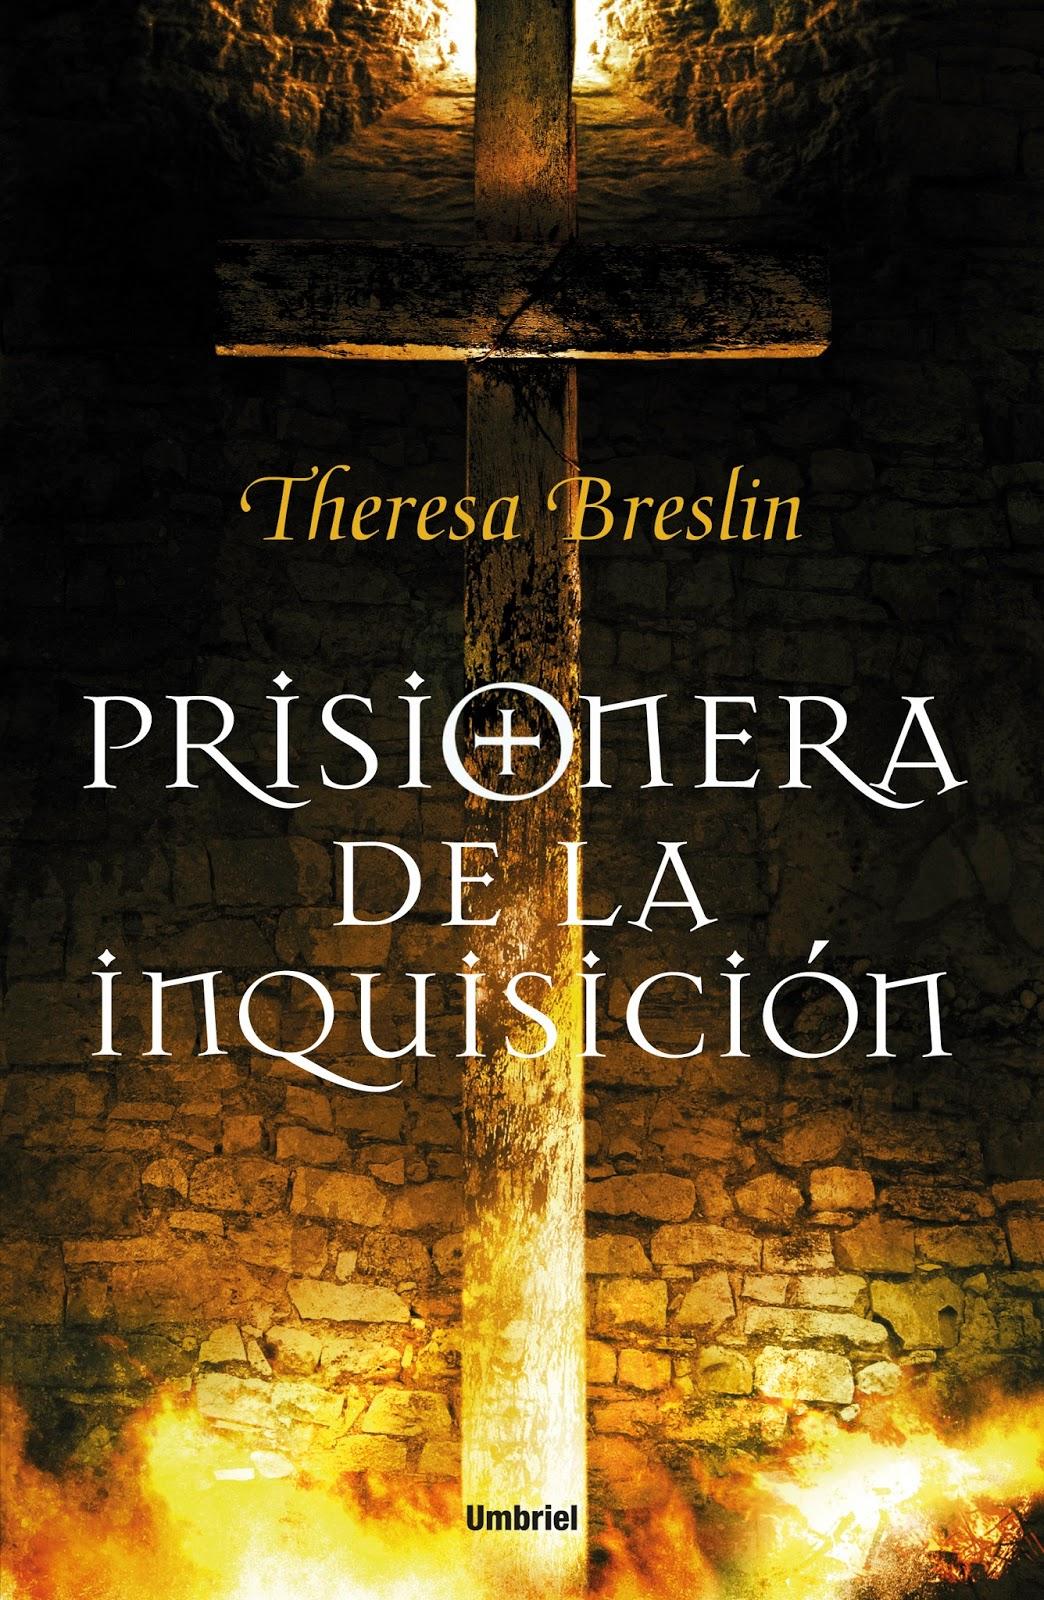 Prisionera de la inquisición - Theresa Breslin (2011)